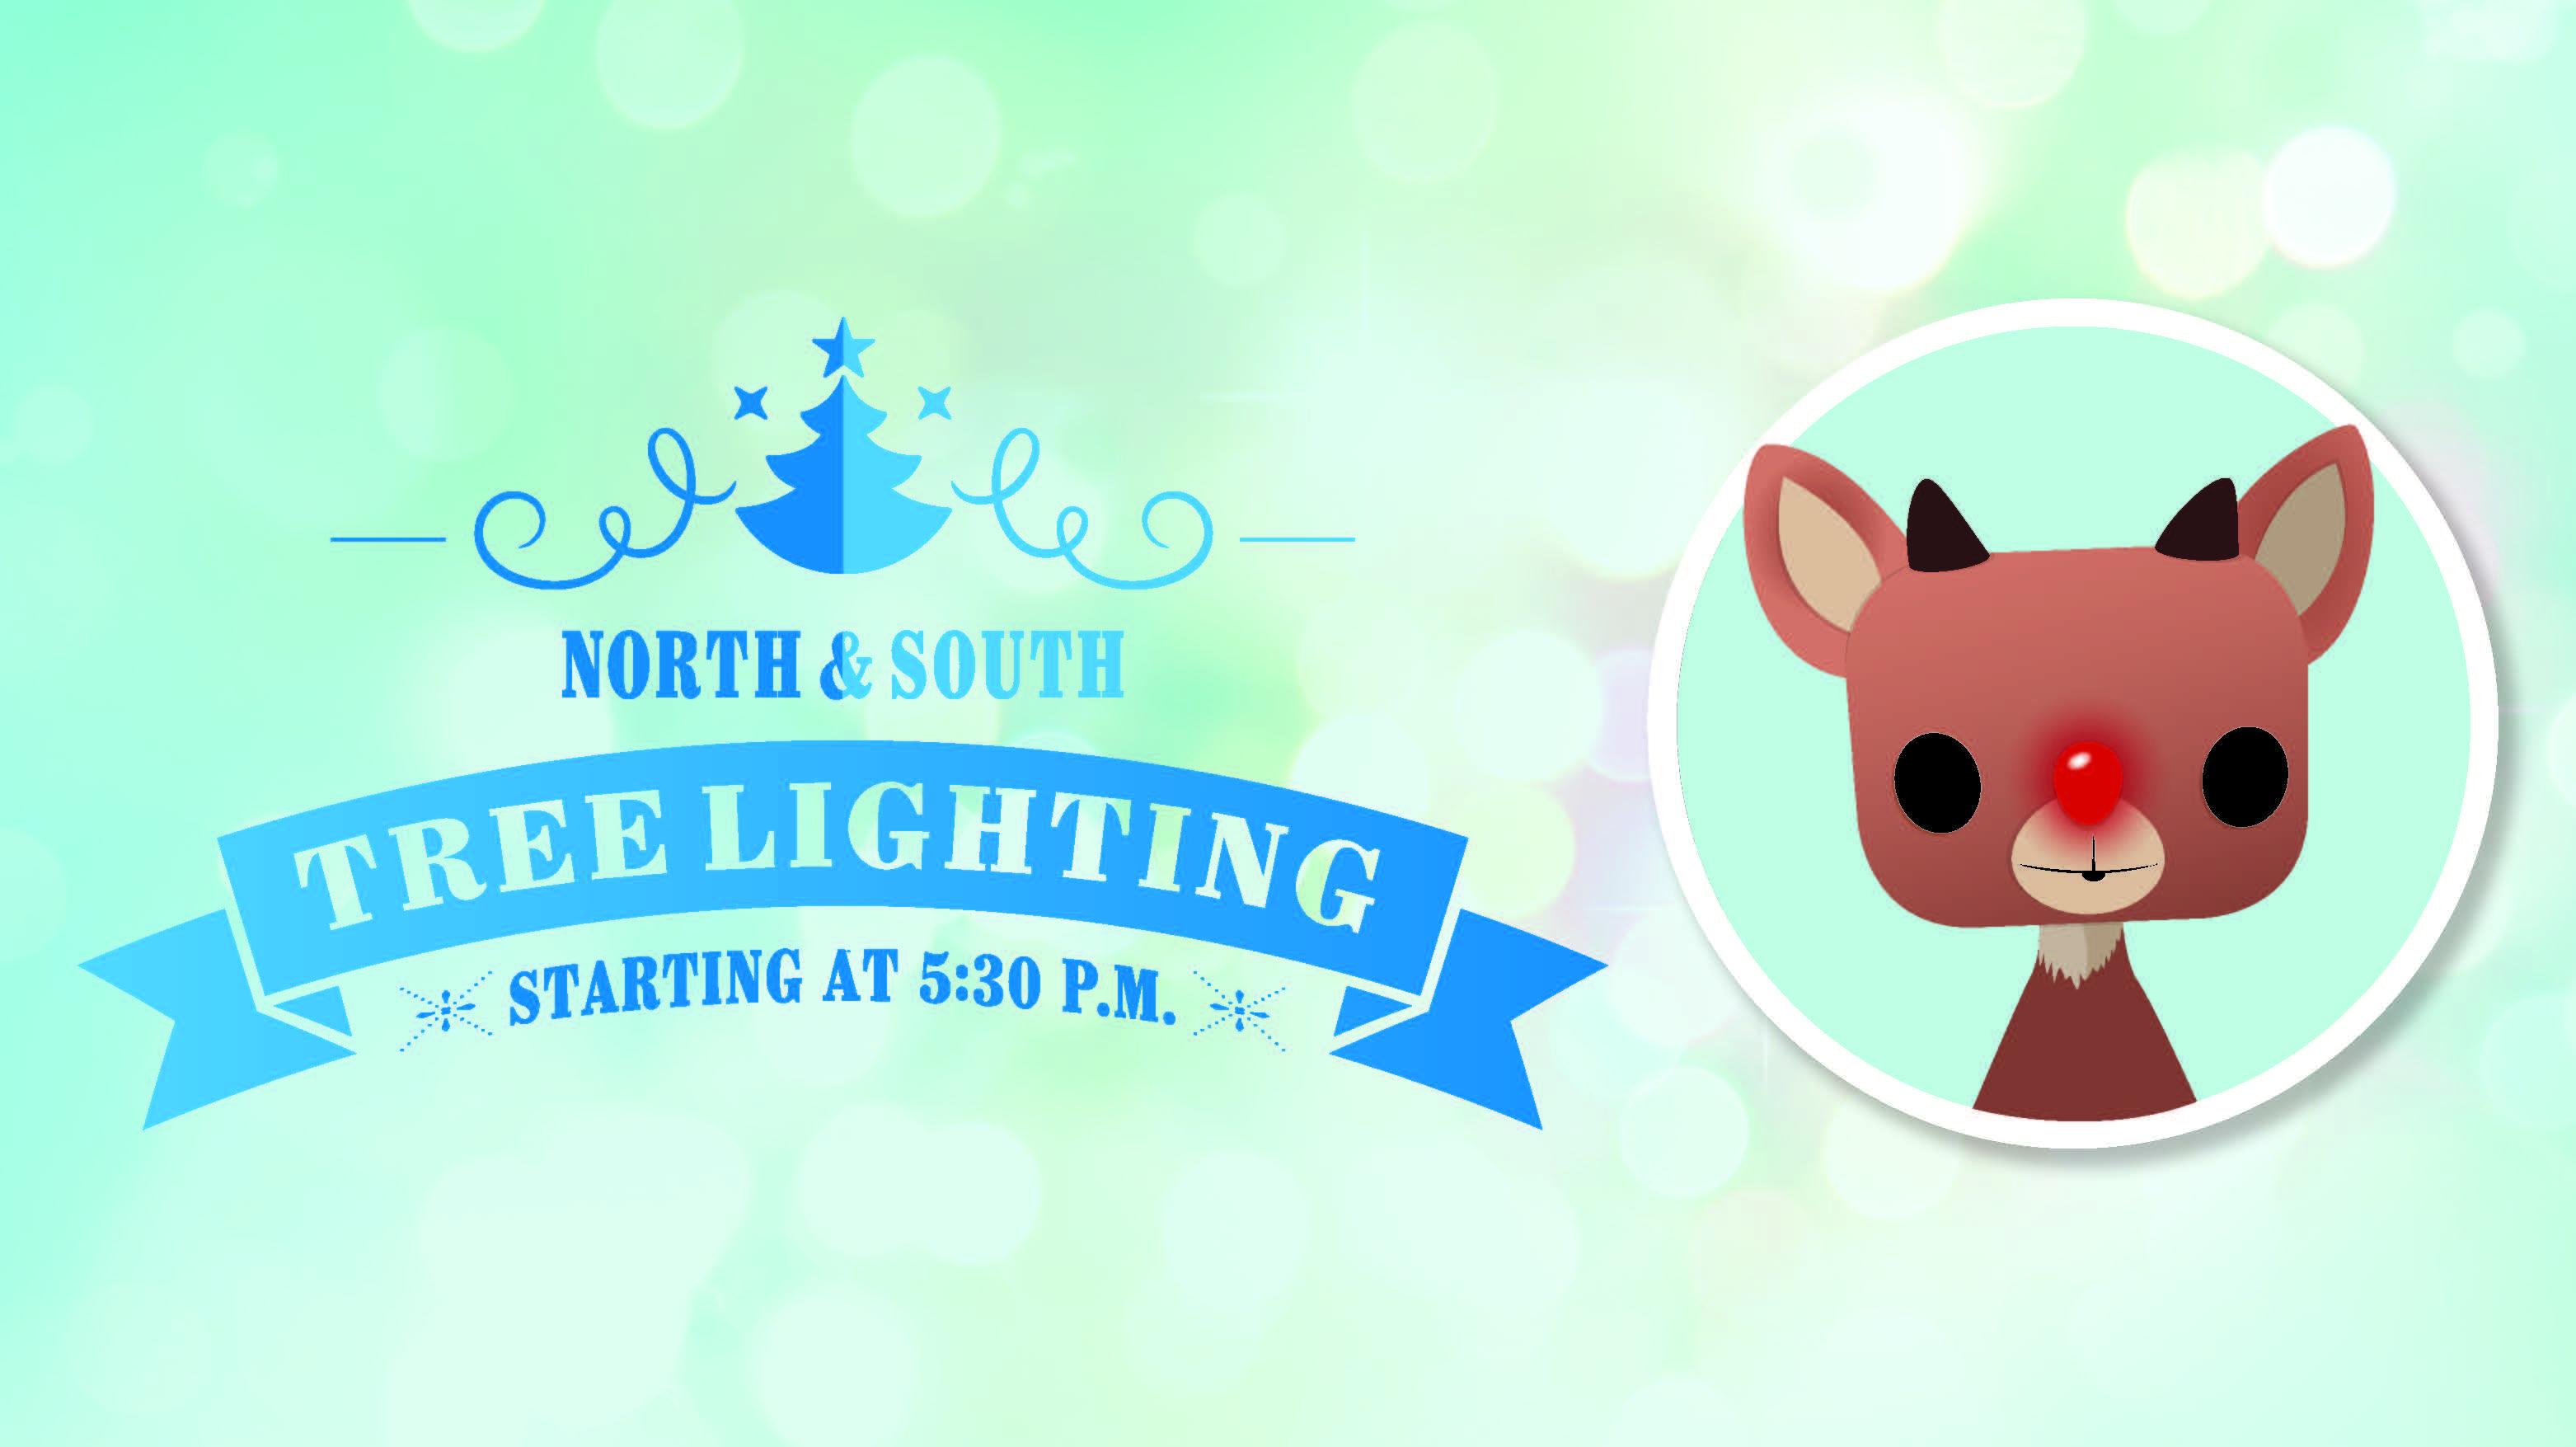 North Tree Lighting